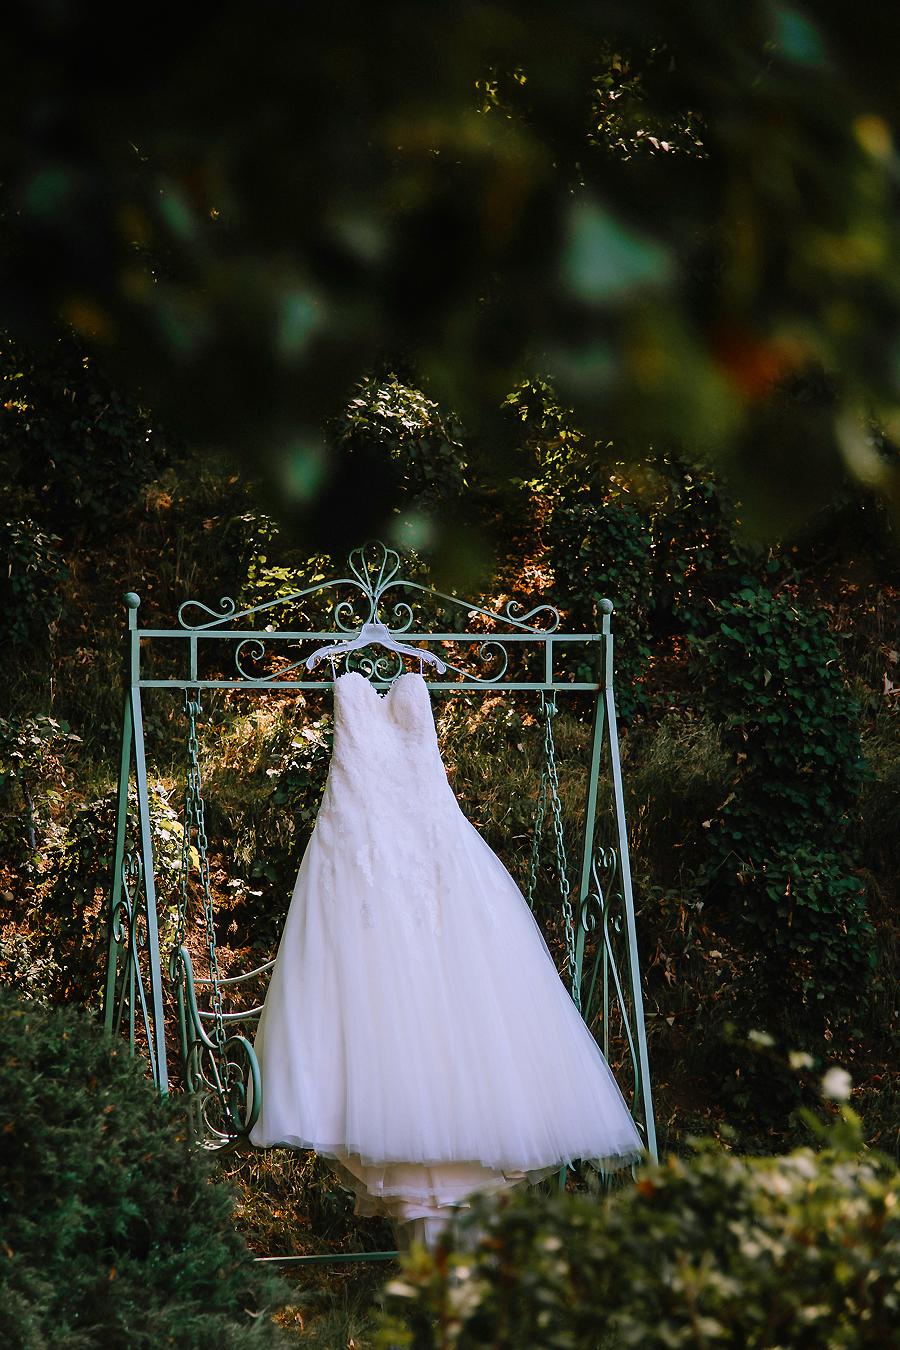 Hochzeitskleid fotografieren